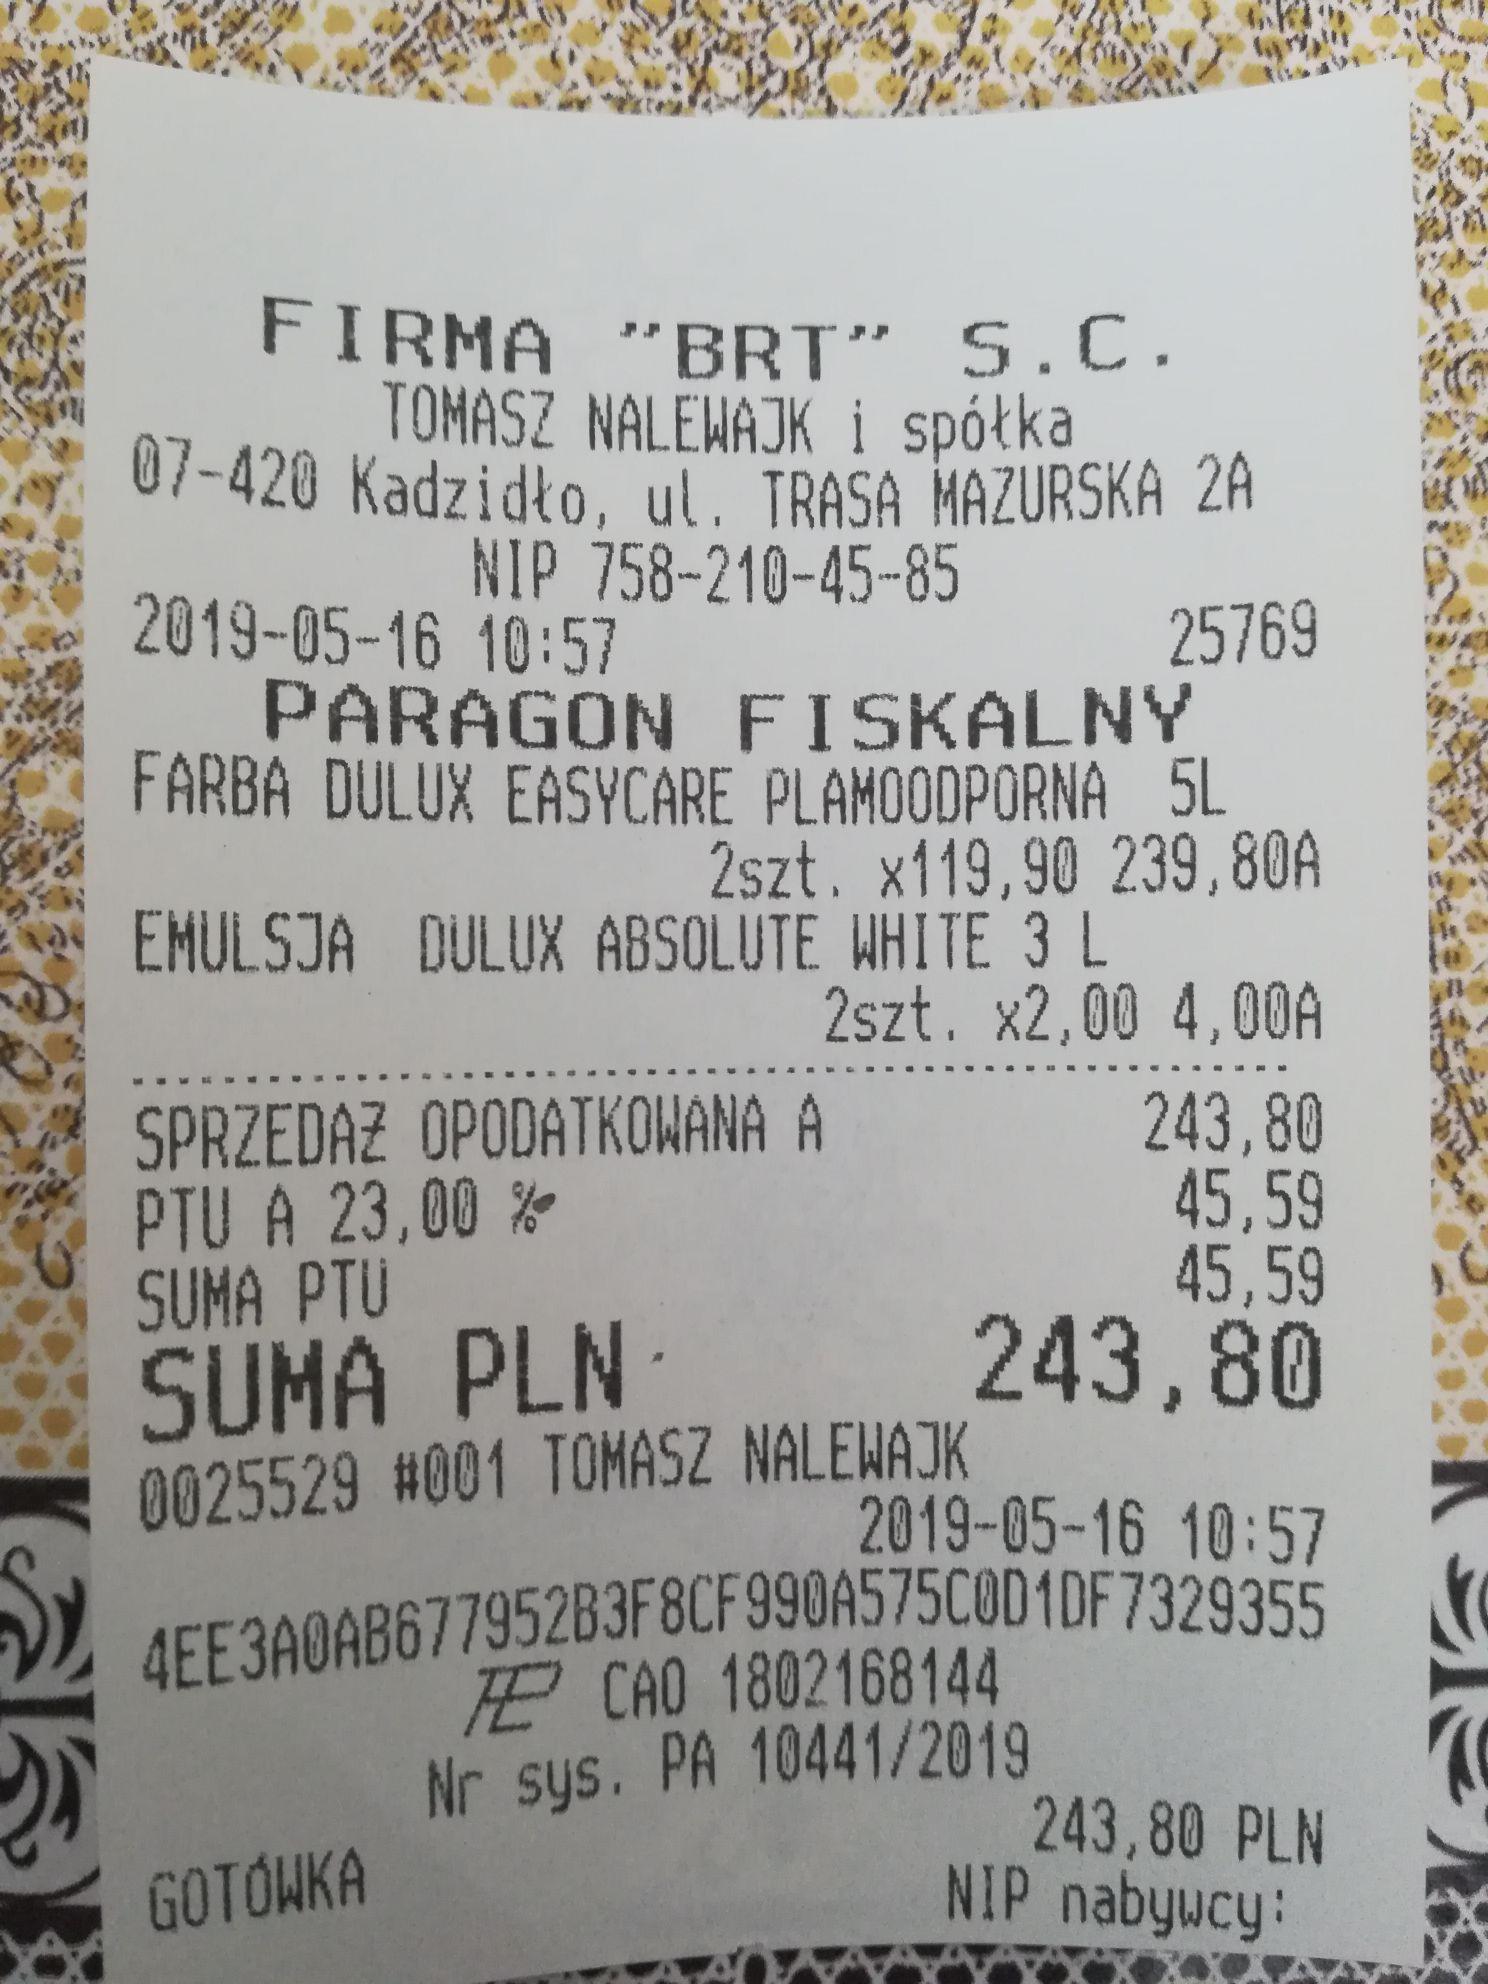 Emulsja dulux biała za 2 zł |Sklep BRT Kadzidło